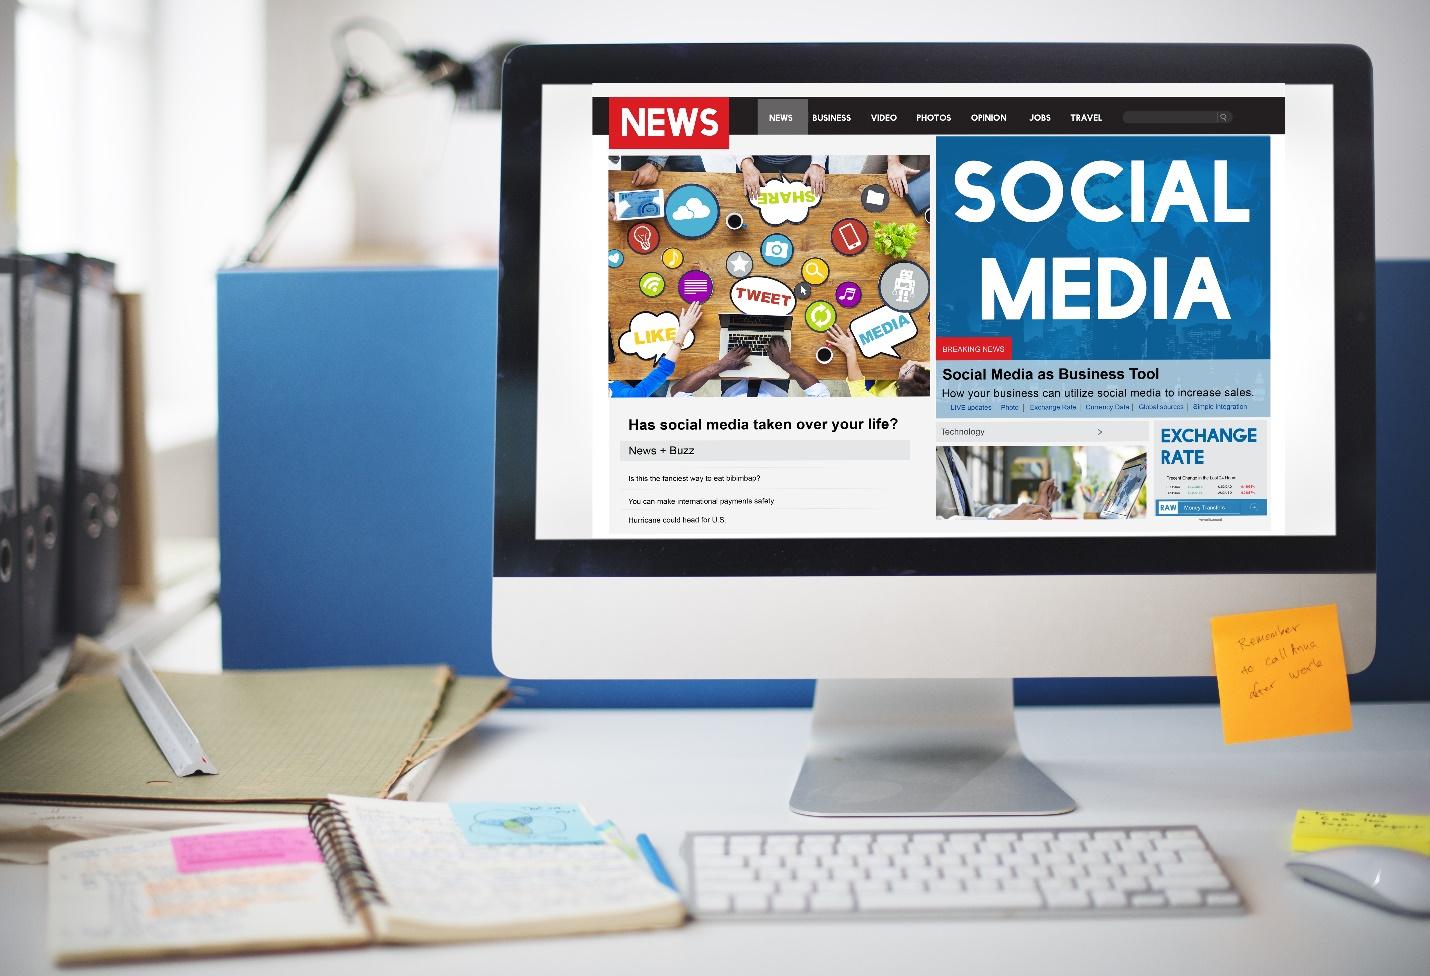 Social Media Marketing on Business